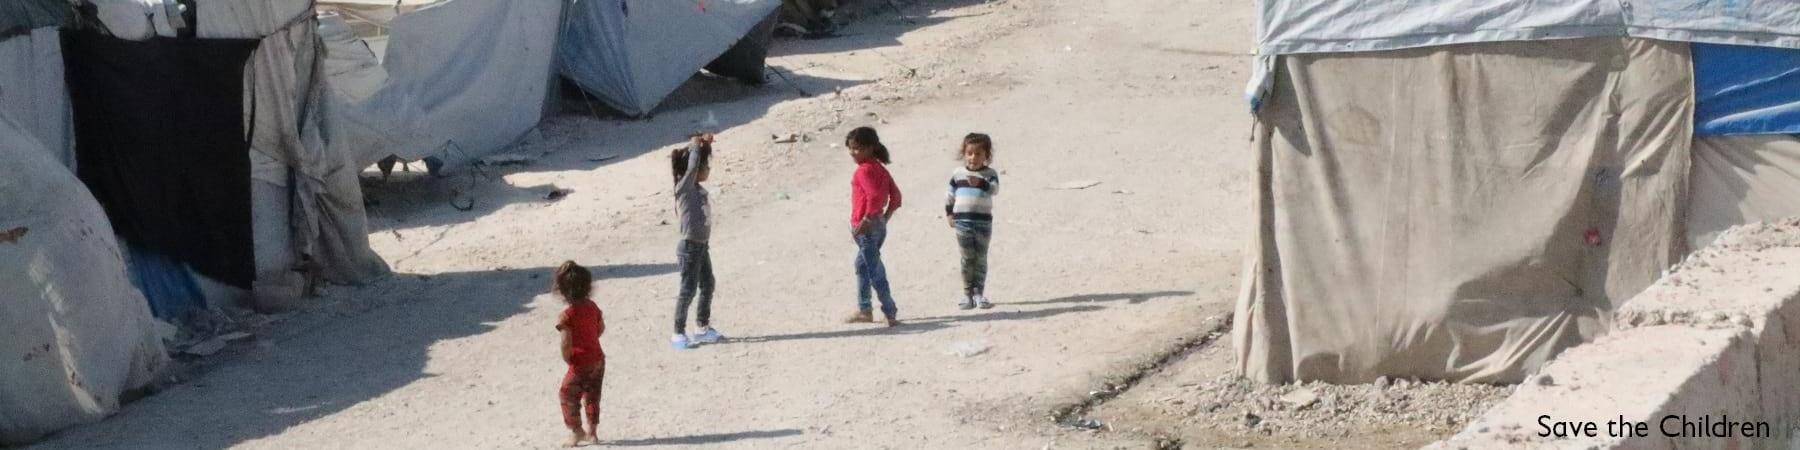 Gruppo di bambini nelle strade di una tendopoli di un campo rifugiati siriano